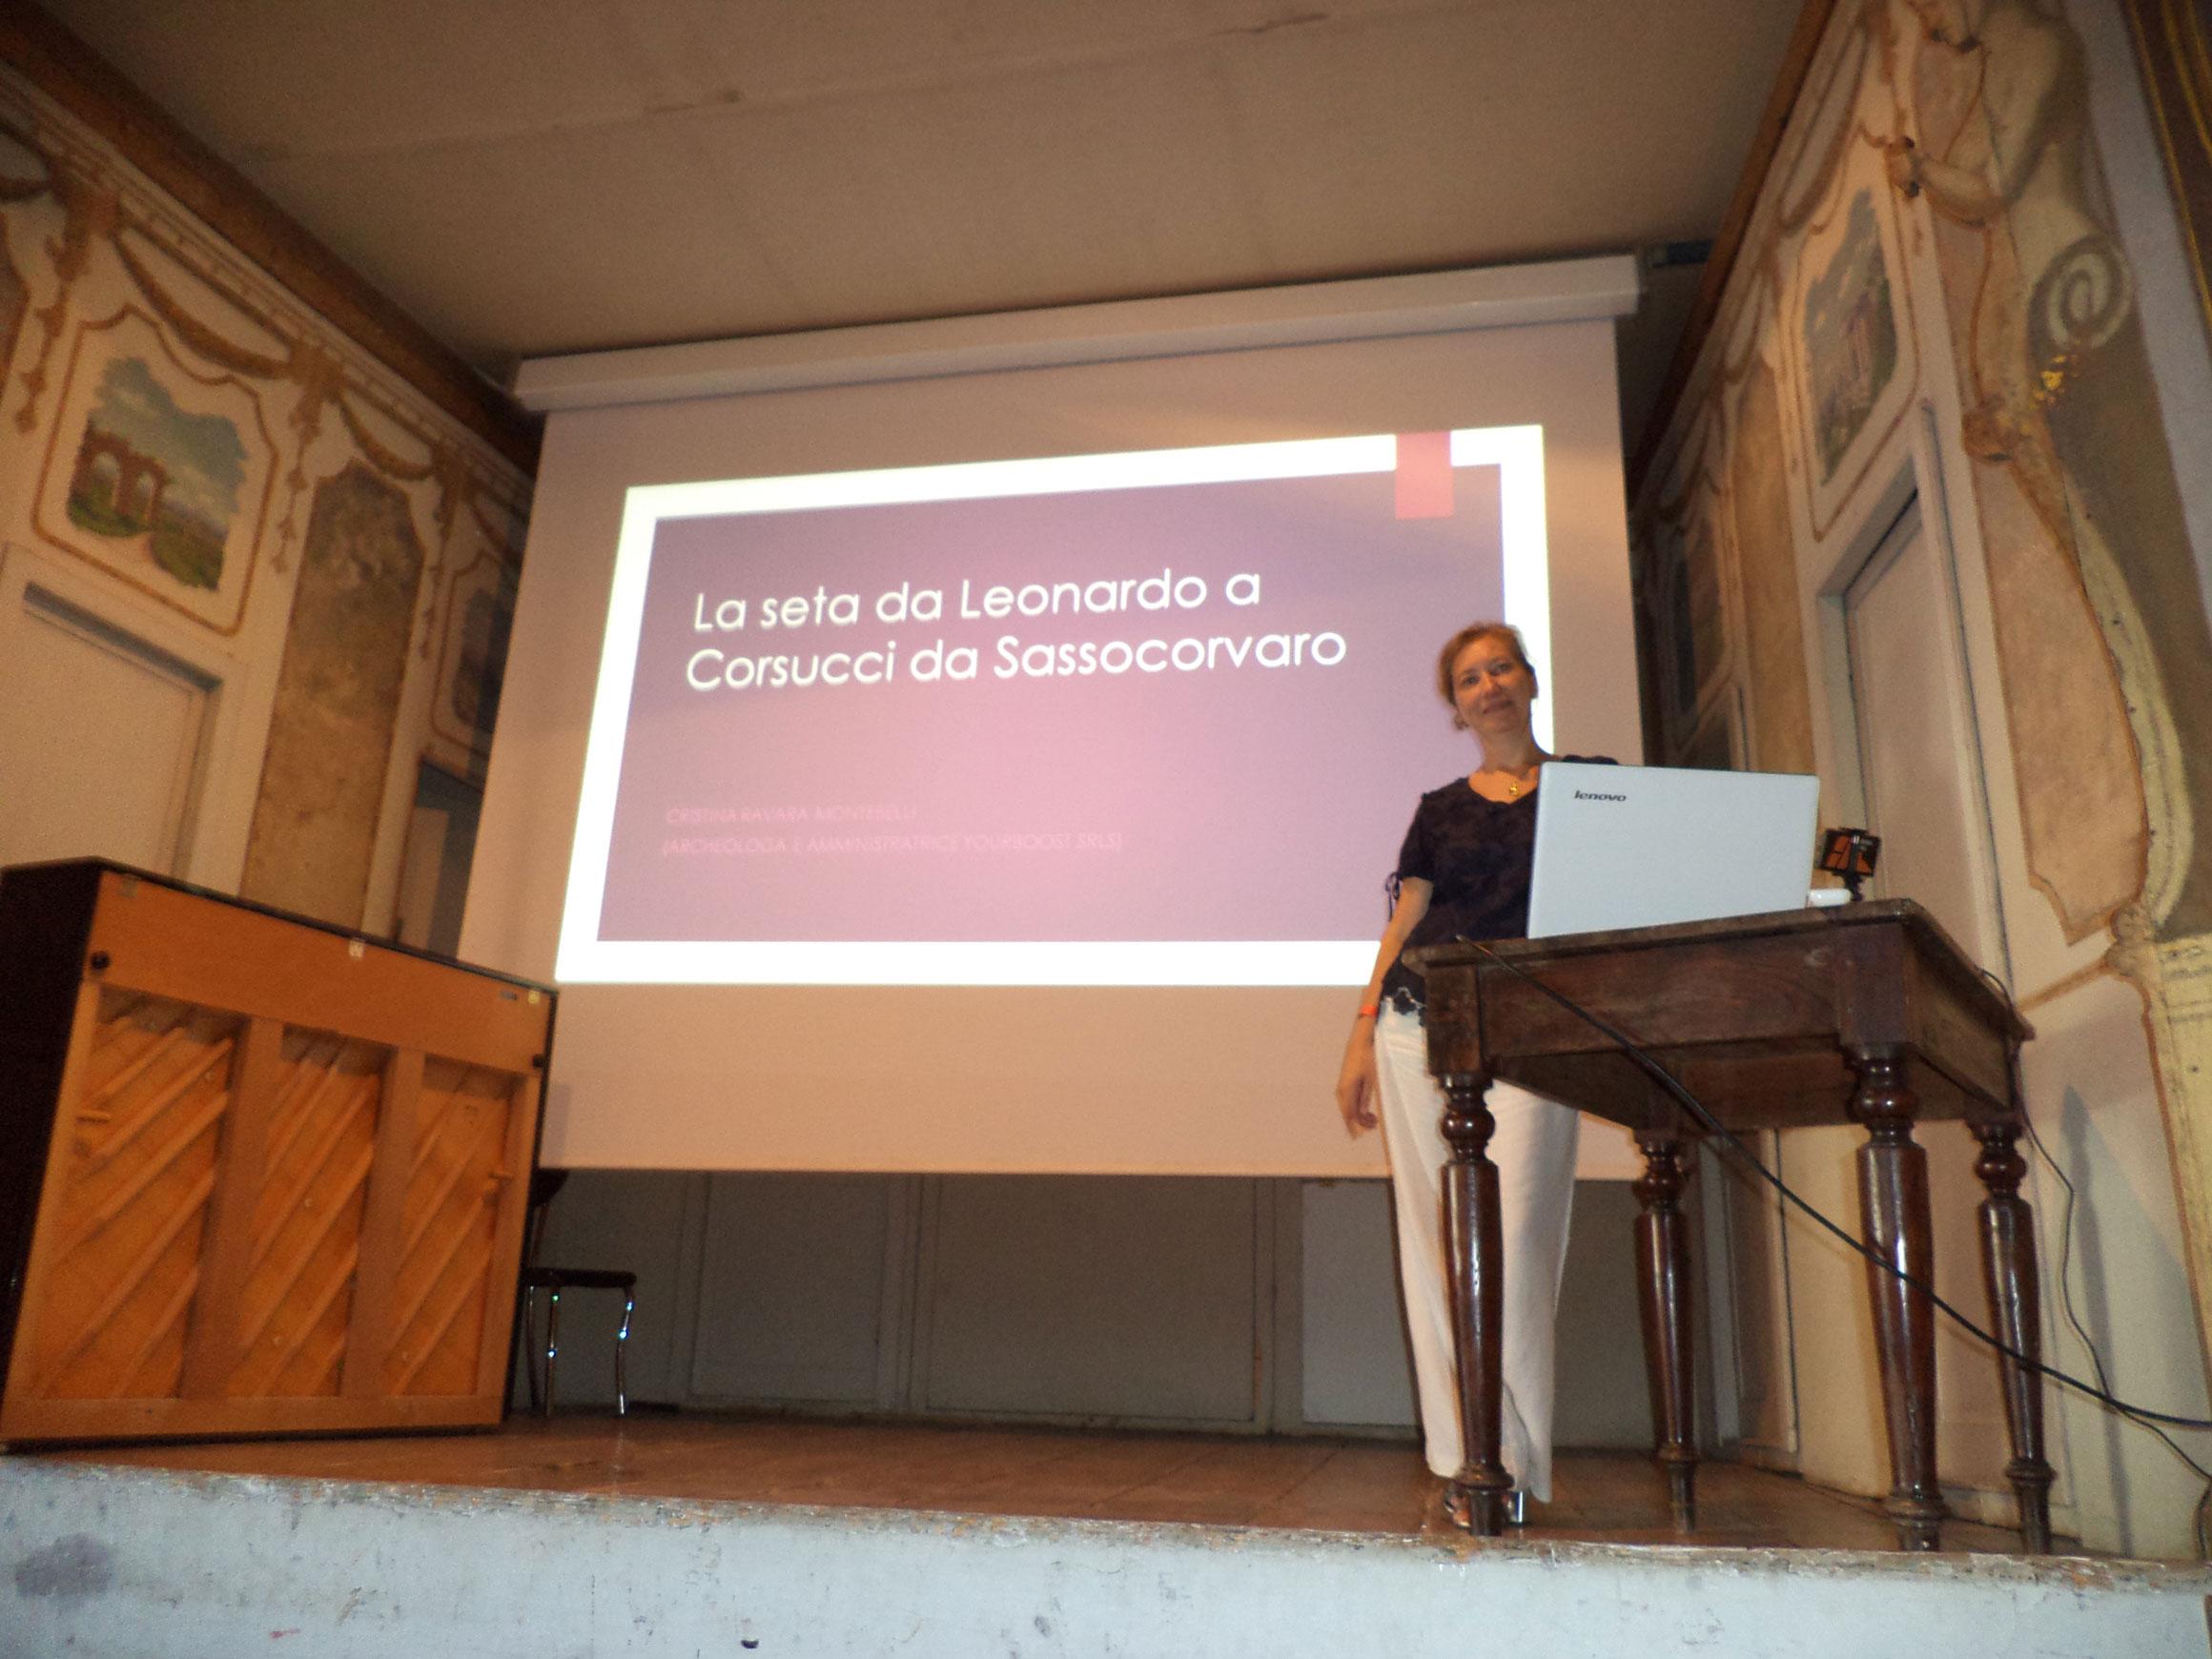 Cristina Ravara Montebelli (YourBoost) la seta da Leonardo a Corsuccio da Sassocorvaro, 14-8-19